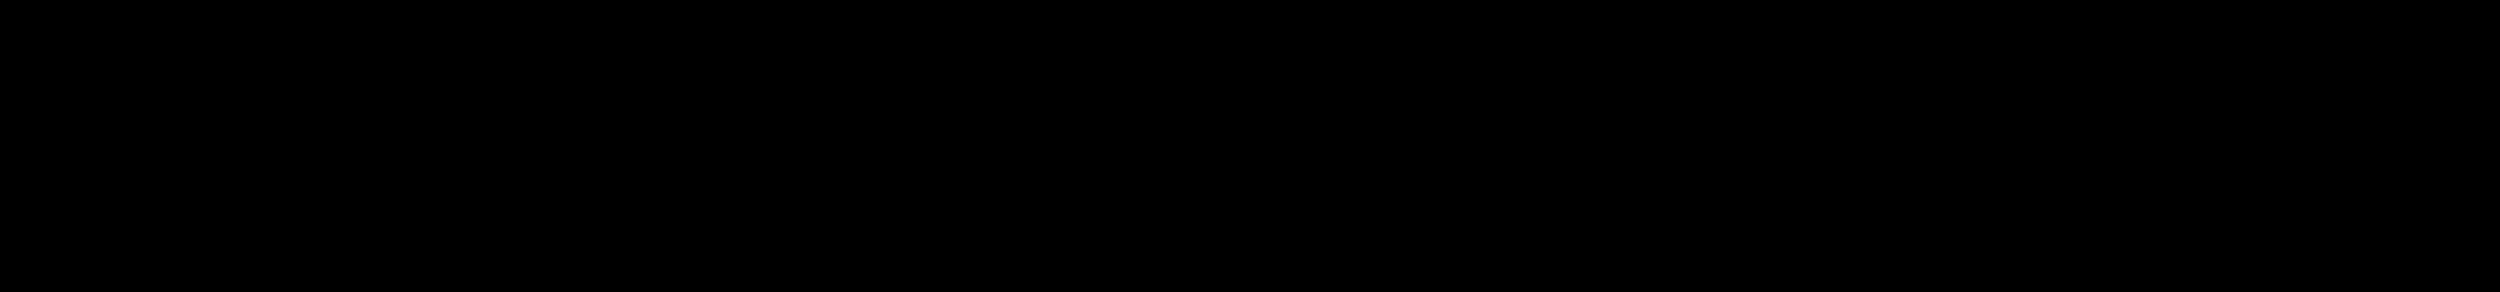 Hazey logo 2018 Black.png